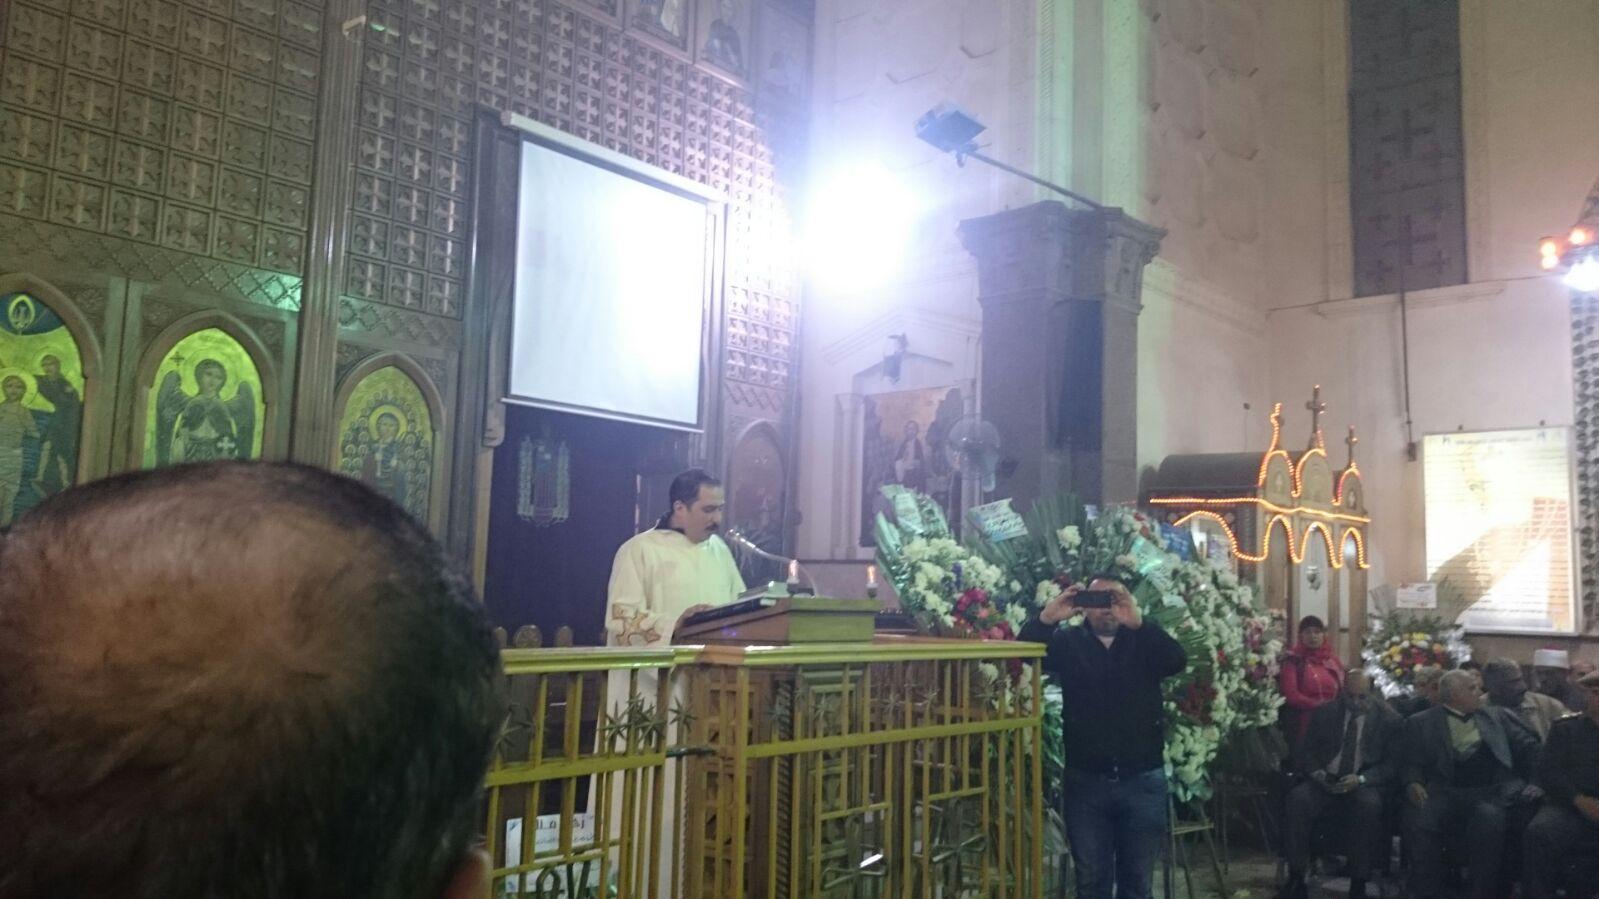 بالصور.. احتفالات أعياد الميلاد في كنيسة مريم العذراء بدمياط بحضور المحافظ